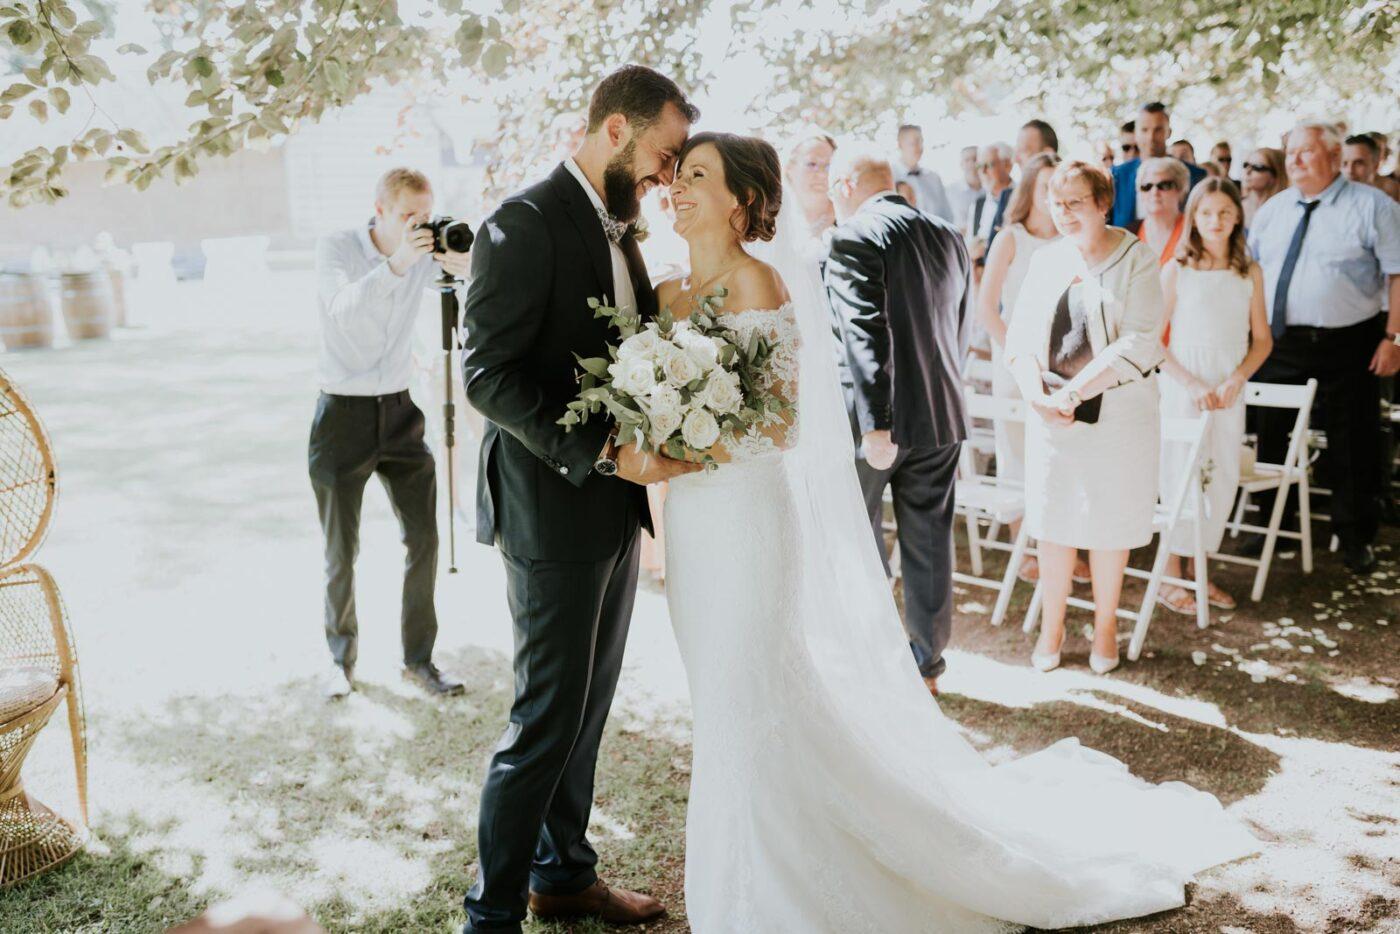 Les mariés sont réunis, place à la cérémonie laïque.